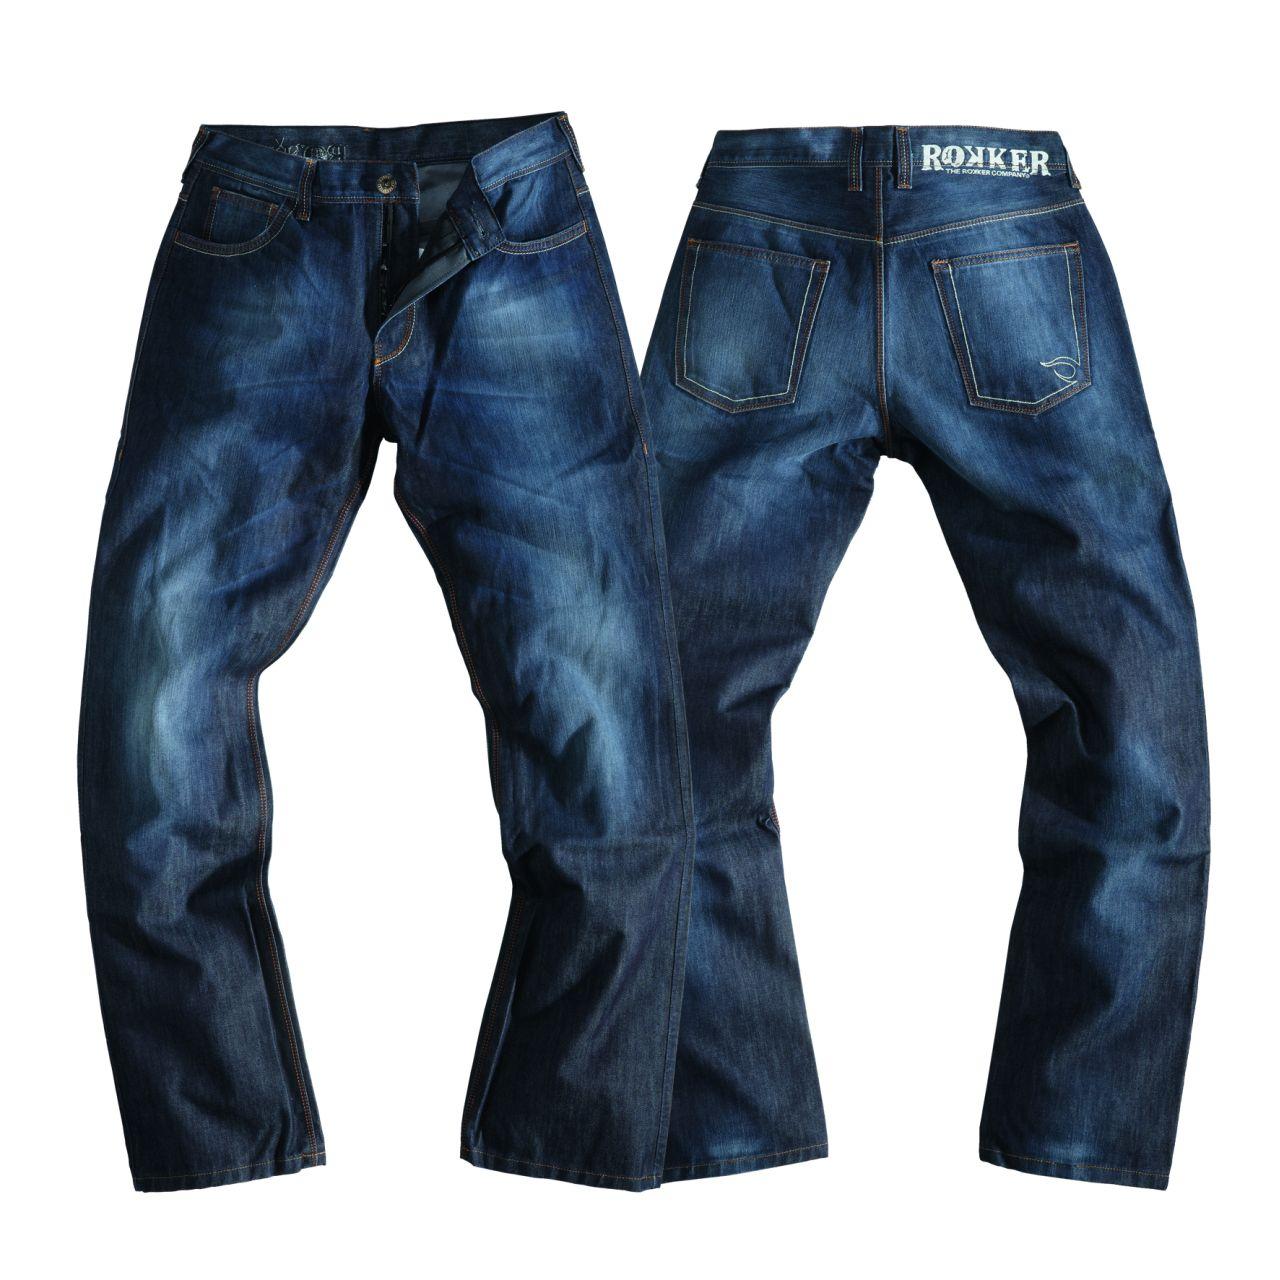 rokker revolution men s kevlar jeans at thunderbike shop. Black Bedroom Furniture Sets. Home Design Ideas